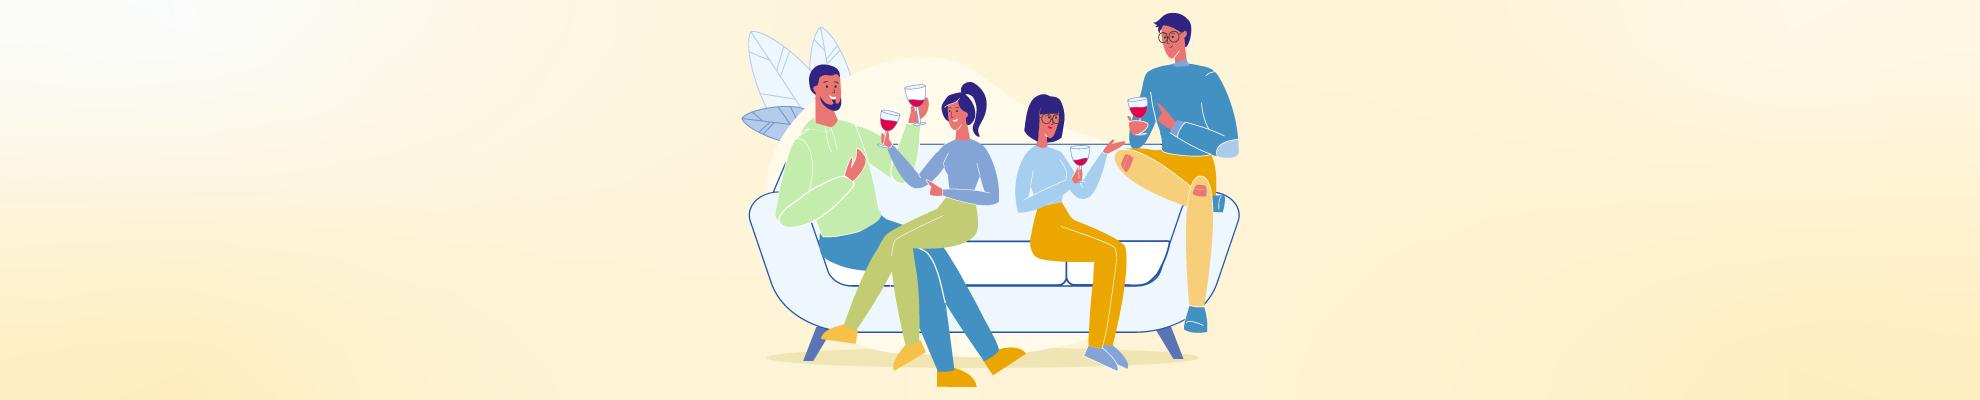 Quantas Pessoas uma Garrafa de Vinho Serve?